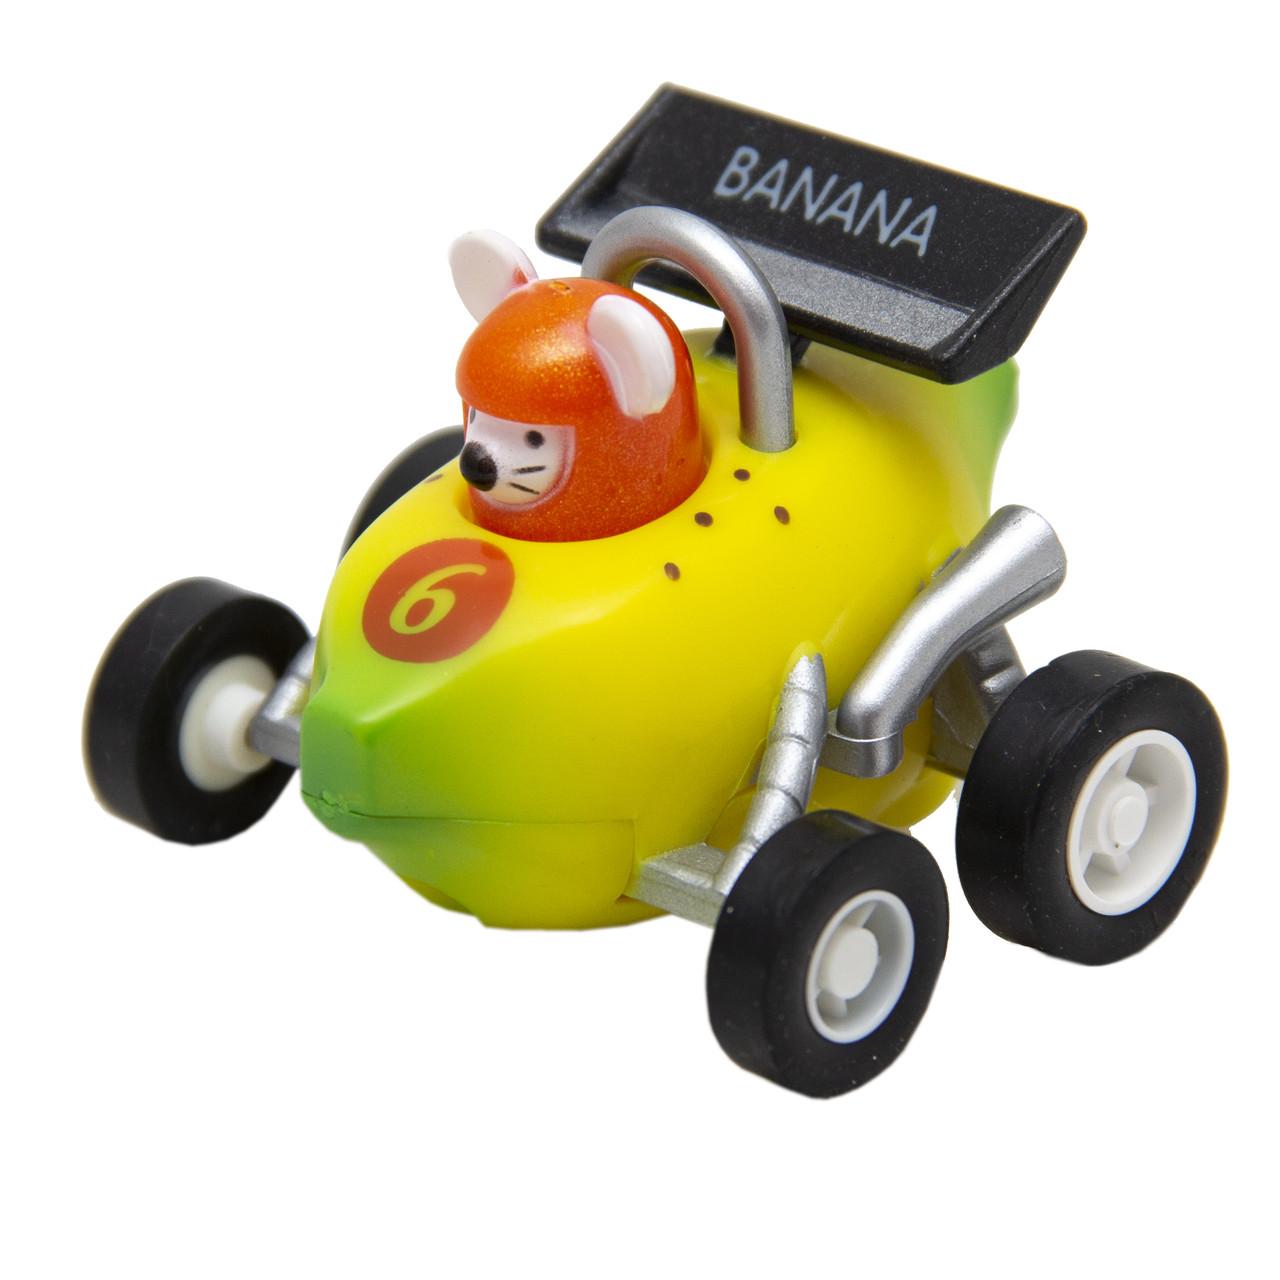 Іграшка інерційна - мишеня-гонщик Aohua, машинка у формі банана 4,5 см, пластик (MR-12C-10)